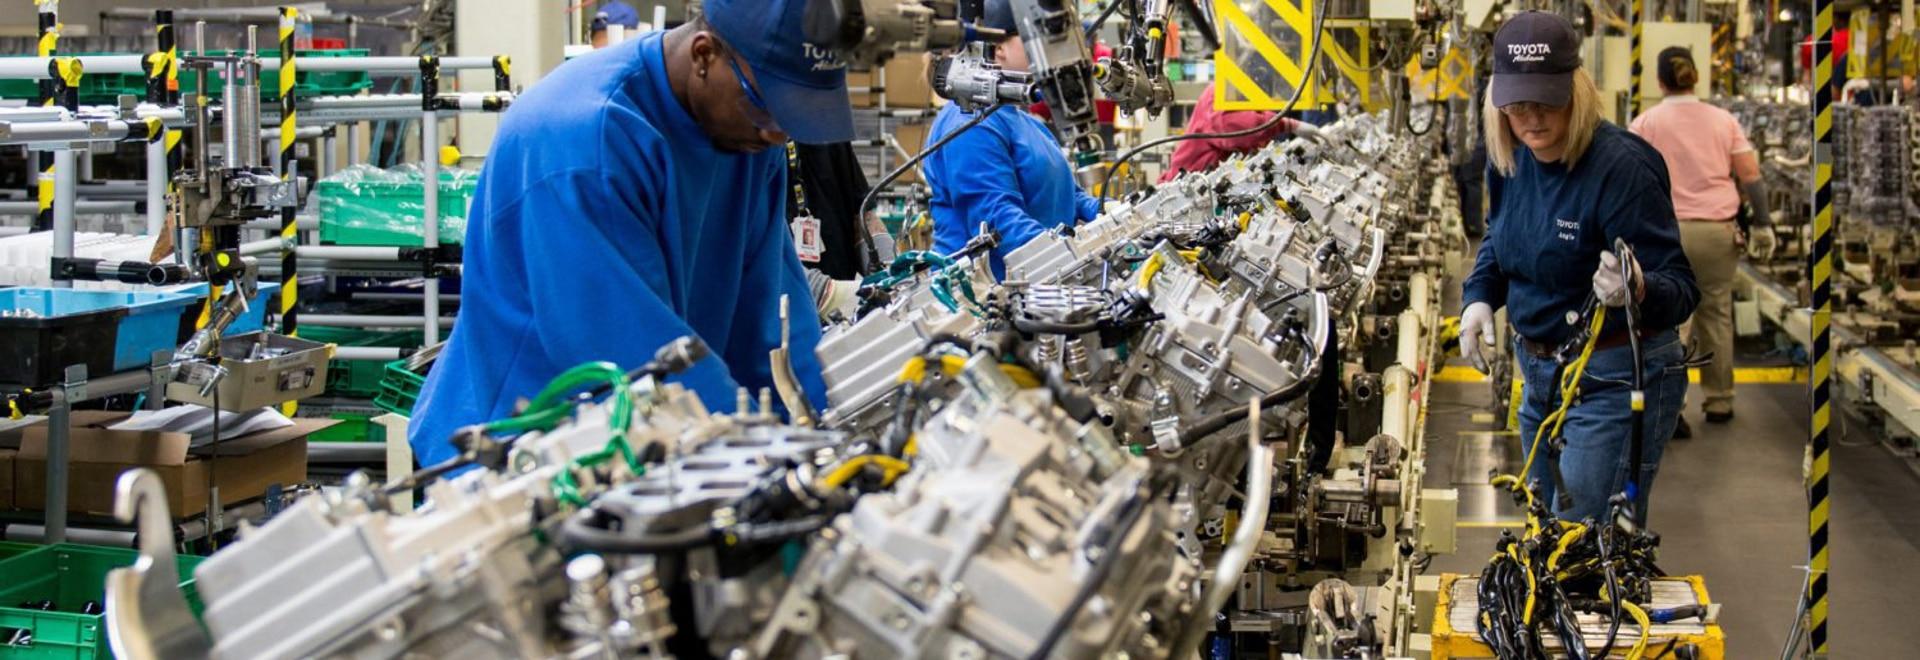 La Toyota Environmental 2050 Challenge chiede all'azienda di eliminare le emissioni di CO2 dai suoi impianti di produzione globali entro il 2050.